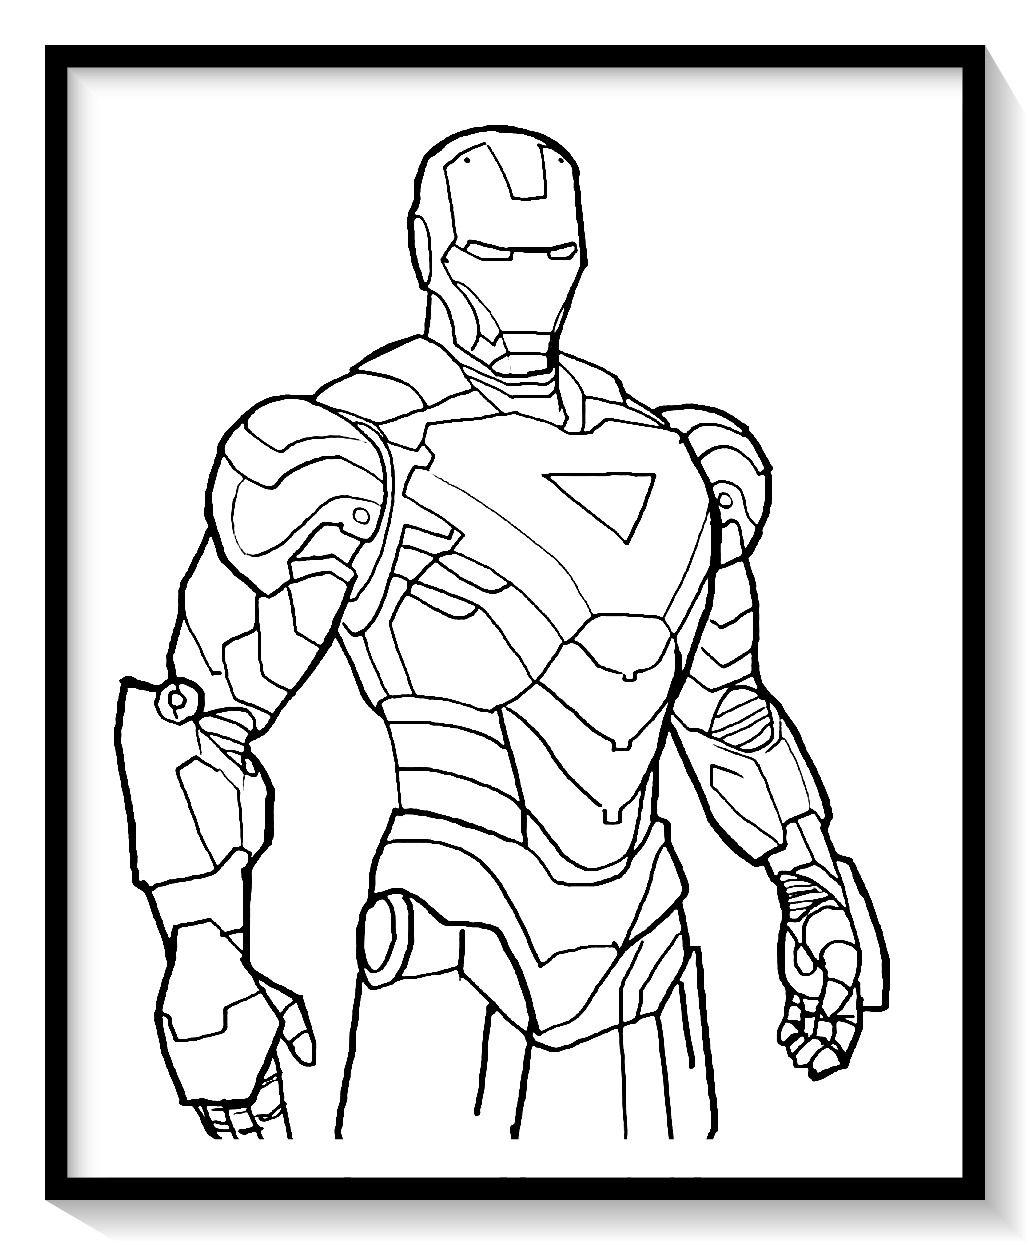 Dibujos De Iron Man Para Colorear En Linea Colorear E Imprimir Ironman Ironman Para Pintar Iron Man Para Colorear Arte De Ironman Ironman Dibujo